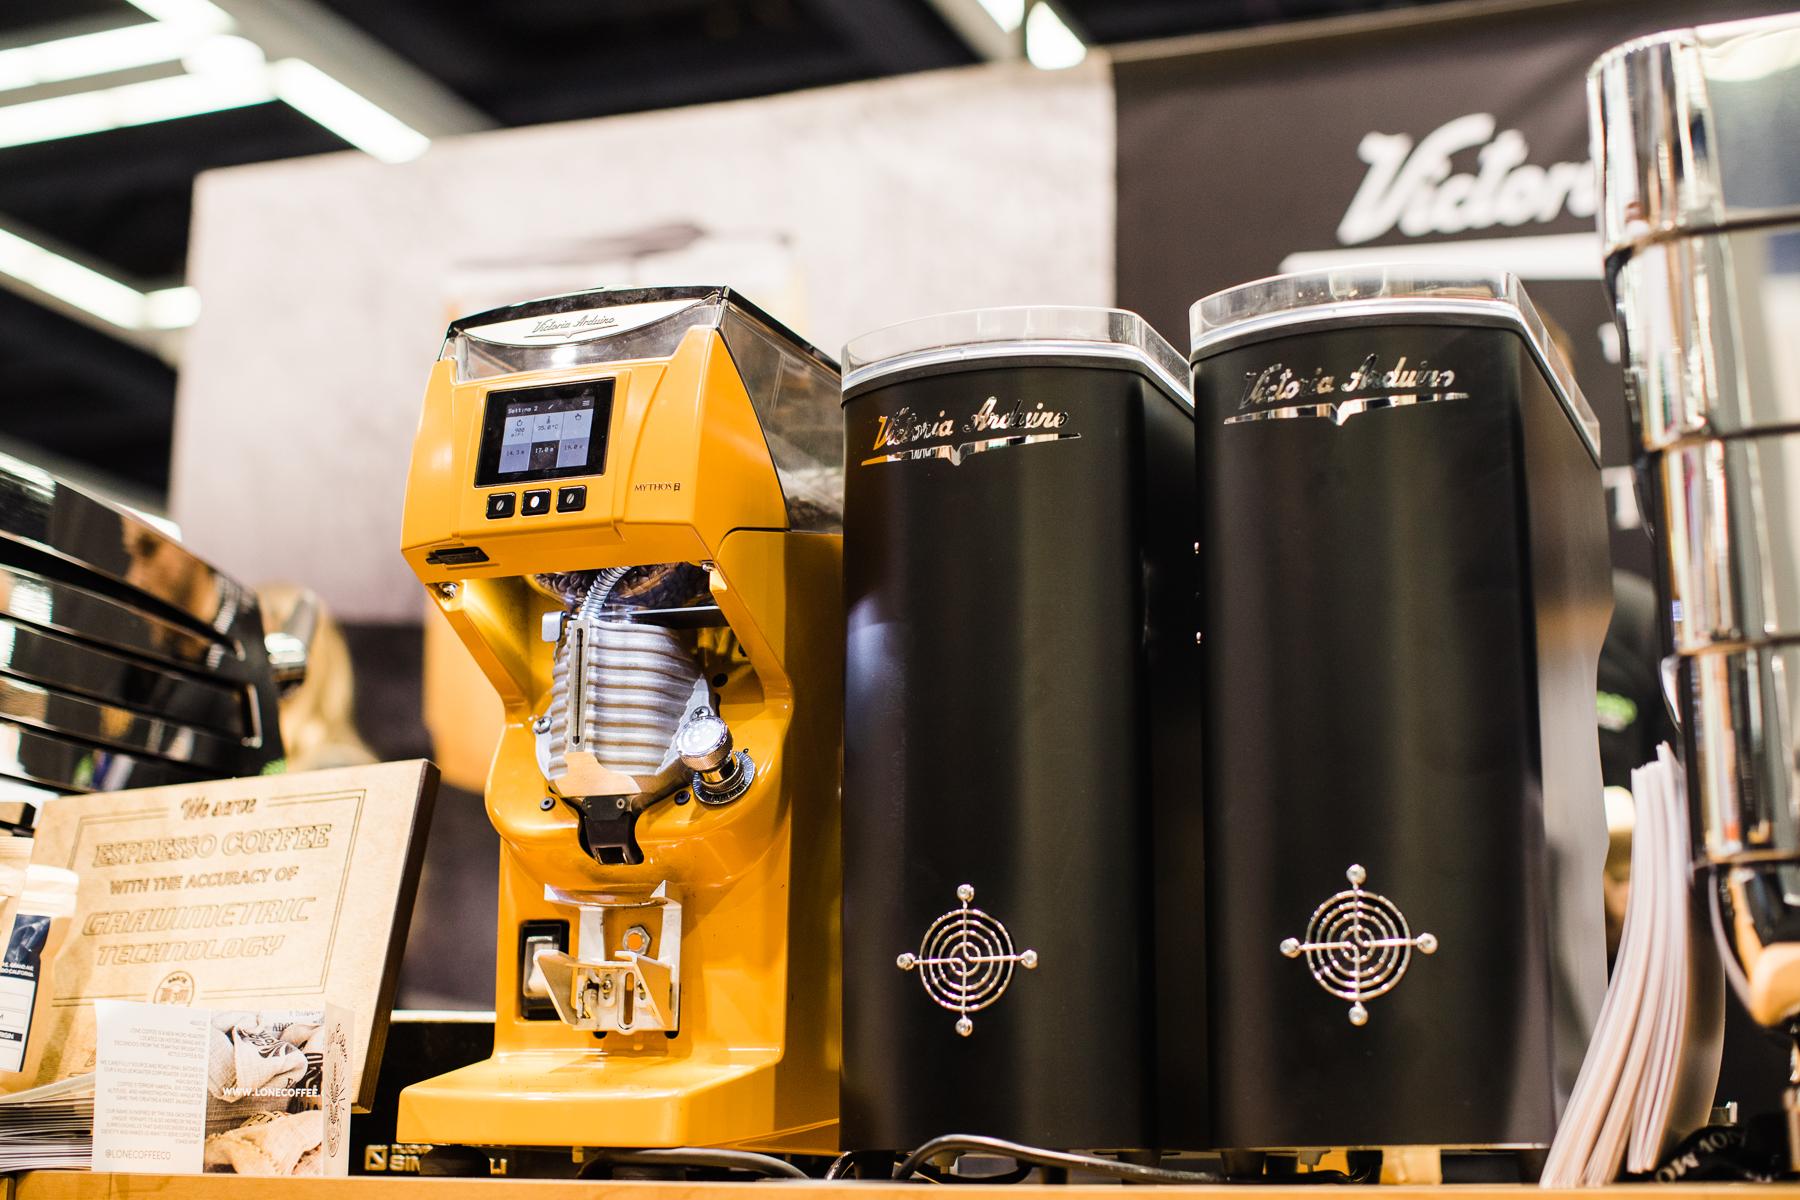 The Yellow Nuova Simonelli Victoria Arduino Mythos 2 next to two Mythos 1s at the 2018 Coffee Expo.